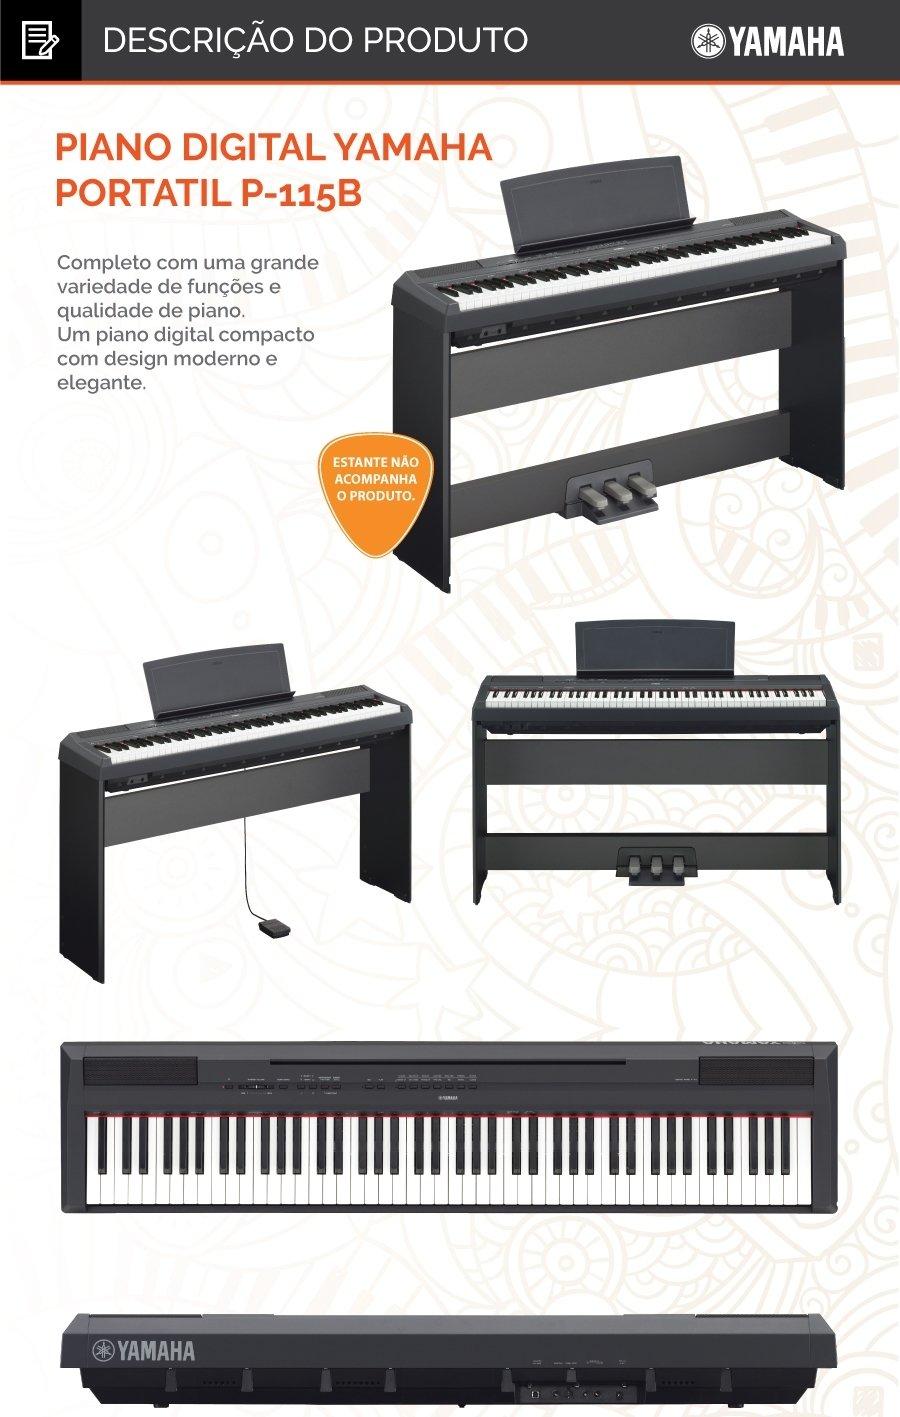 """5023 Piano Digital Yamaha Portatil P-115B Completo com uma grande variedade de funções e qualidade de piano. Um piano digital compacto com design moderno e elegante* A série P equipada com recursos de um piano real e ritmos, é agora compatível com os Apps iOS! Com a operacionalidade simplificada, tocar é ainda mais fácil. O P-115 é o nosso modelo mais recente, que oferece uma funcionalidade de ritmos e experiência de interpretação de piano aperfeiçoadas, assim como uma utilização mais simples graças a aplicações iOS. *Verifique disponibilidade na sua região. O design fino e portátil do P-115 oferece um autêntico desempenho de piano. Será uma grande satisfação tocar este modelo, tanto para pianistas experientes, quanto para iniciantes em aprendizagem. Toque realista das teclas que oferece a sensação de tocar um piano real.  P-115 apresenta um teclado GHS (Graded Hammer Standard). A sensação ao tocar o seu teclado altera-se gradualmente de acordo com o registo, para que o sinta mais pesado quando toca notas baixas e mais leve quando toca notas altas. O piano também apresenta um teclado realista ao toque, com teclas pretas de acabamento matizado, de forma a dar a sensação de estar a tocar um verdadeiro piano acústico. Desfrute da sensação de tocar um verdadeiro piano de concerto  O P-115 utiliza a tecnologia de geração sonora """"Pure CF sound engine"""" da Yamaha. O som deste piano foi gravado a partir do famoso piano de concerto CFIIIS da Yamaha, um famoso piano presente em palcos de todo o mundo. Para além do som realista de piano, a função aperfeiçoada de ressonância simula a reverberação de um piano de concerto, permitindo um nível mais detalhado de expressão das nuances sonoras. Tem ainda uma resposta de teclas semelhante à de um verdadeiro piano de concerto. Design acústico confortável e ajustado ao pianista  No P-115, o tweeter foi posicionado de forma a oferecer uma melhor reverberação no âmbito melódico e oferecer uma experiência mais agradável ao tocar. Esta nova """